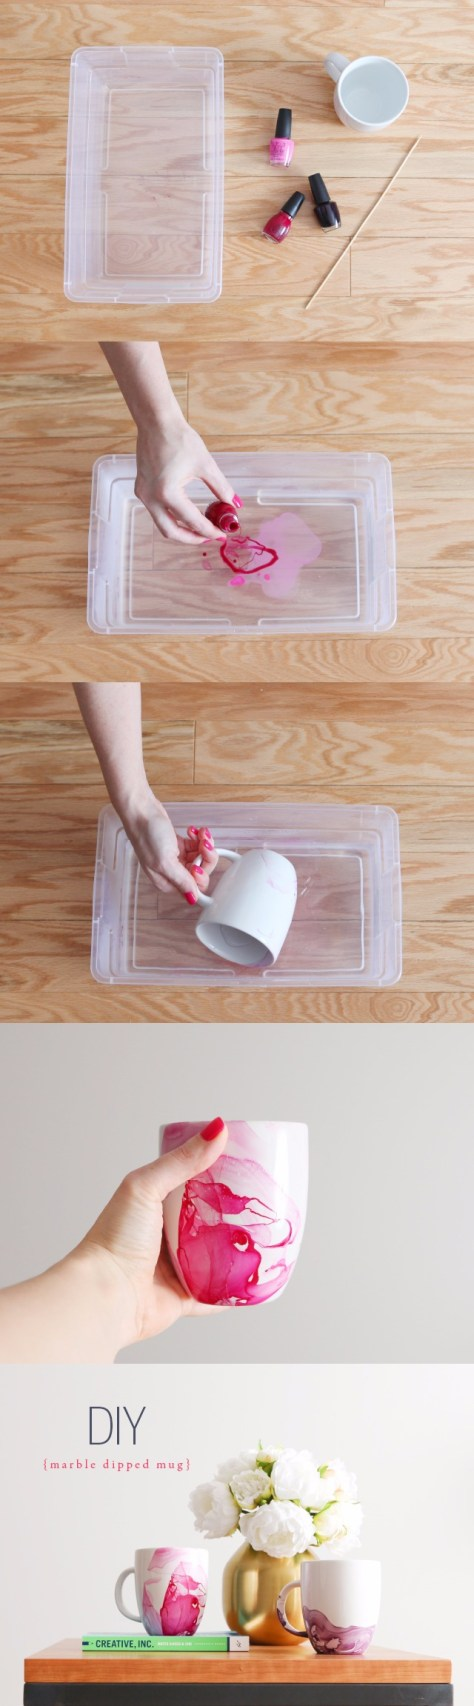 DIY Watercolor Marble Dipped Mug